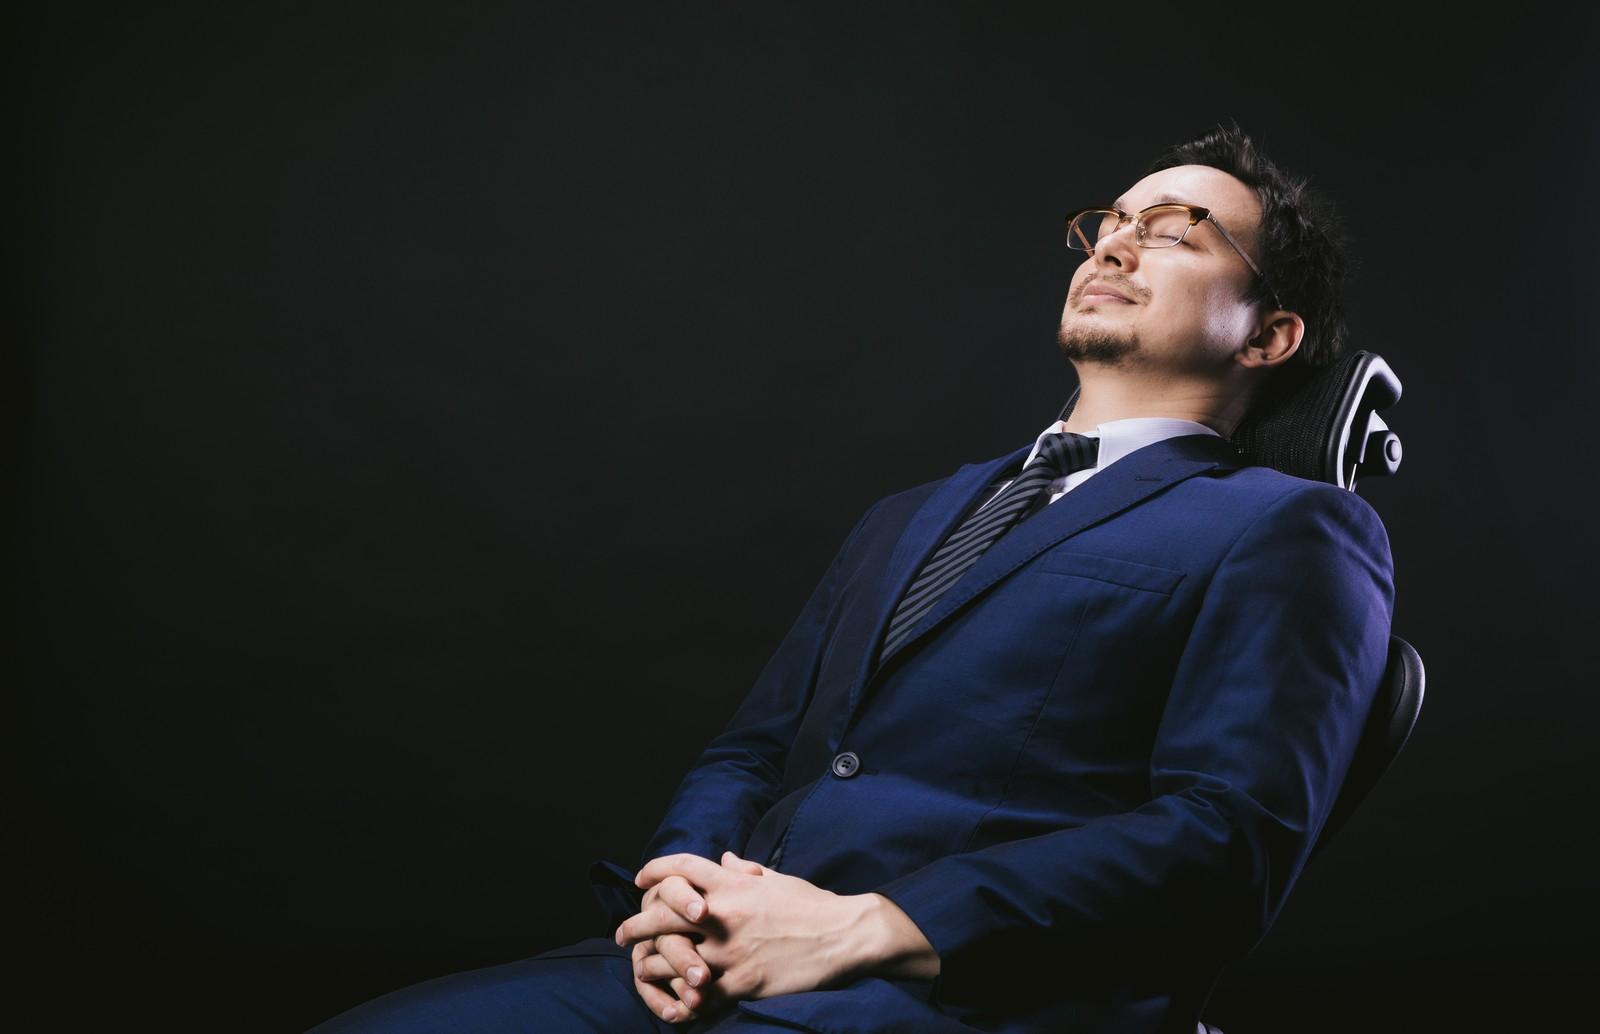 人生の休憩に入るかのようにソファで眠りにつくスーツ姿の男性の画像